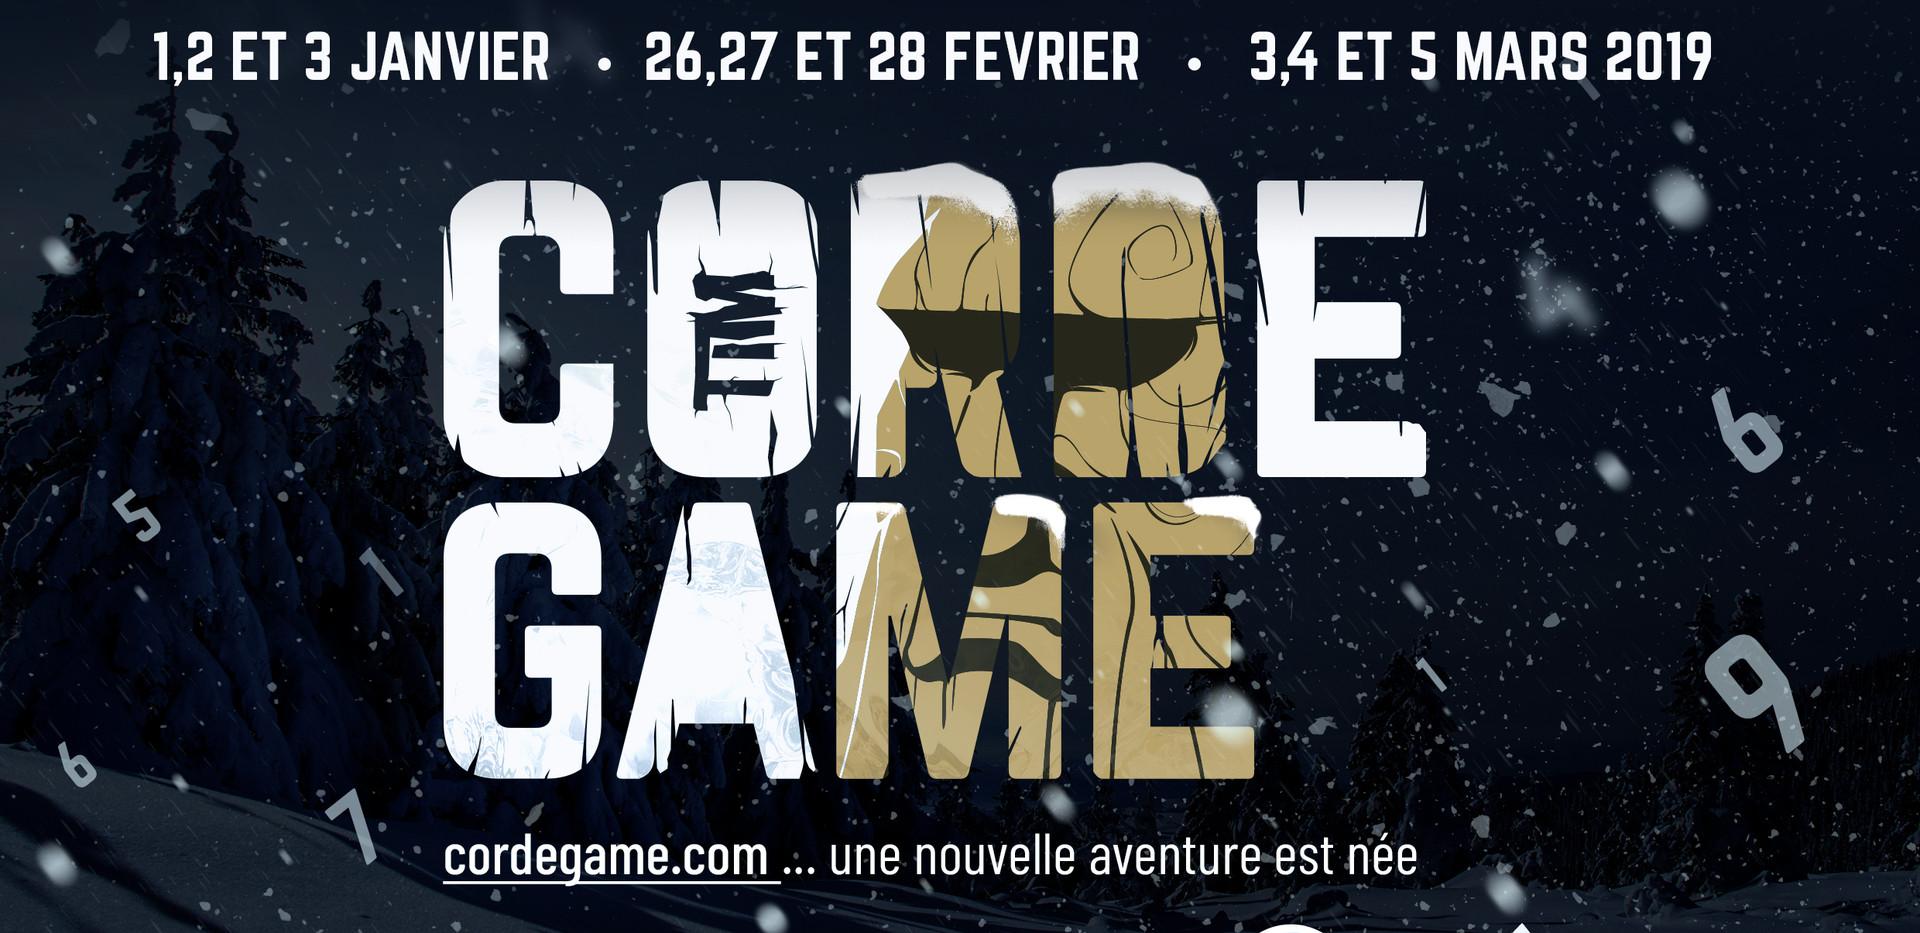 CORDE-GAME 3 stations.jpg